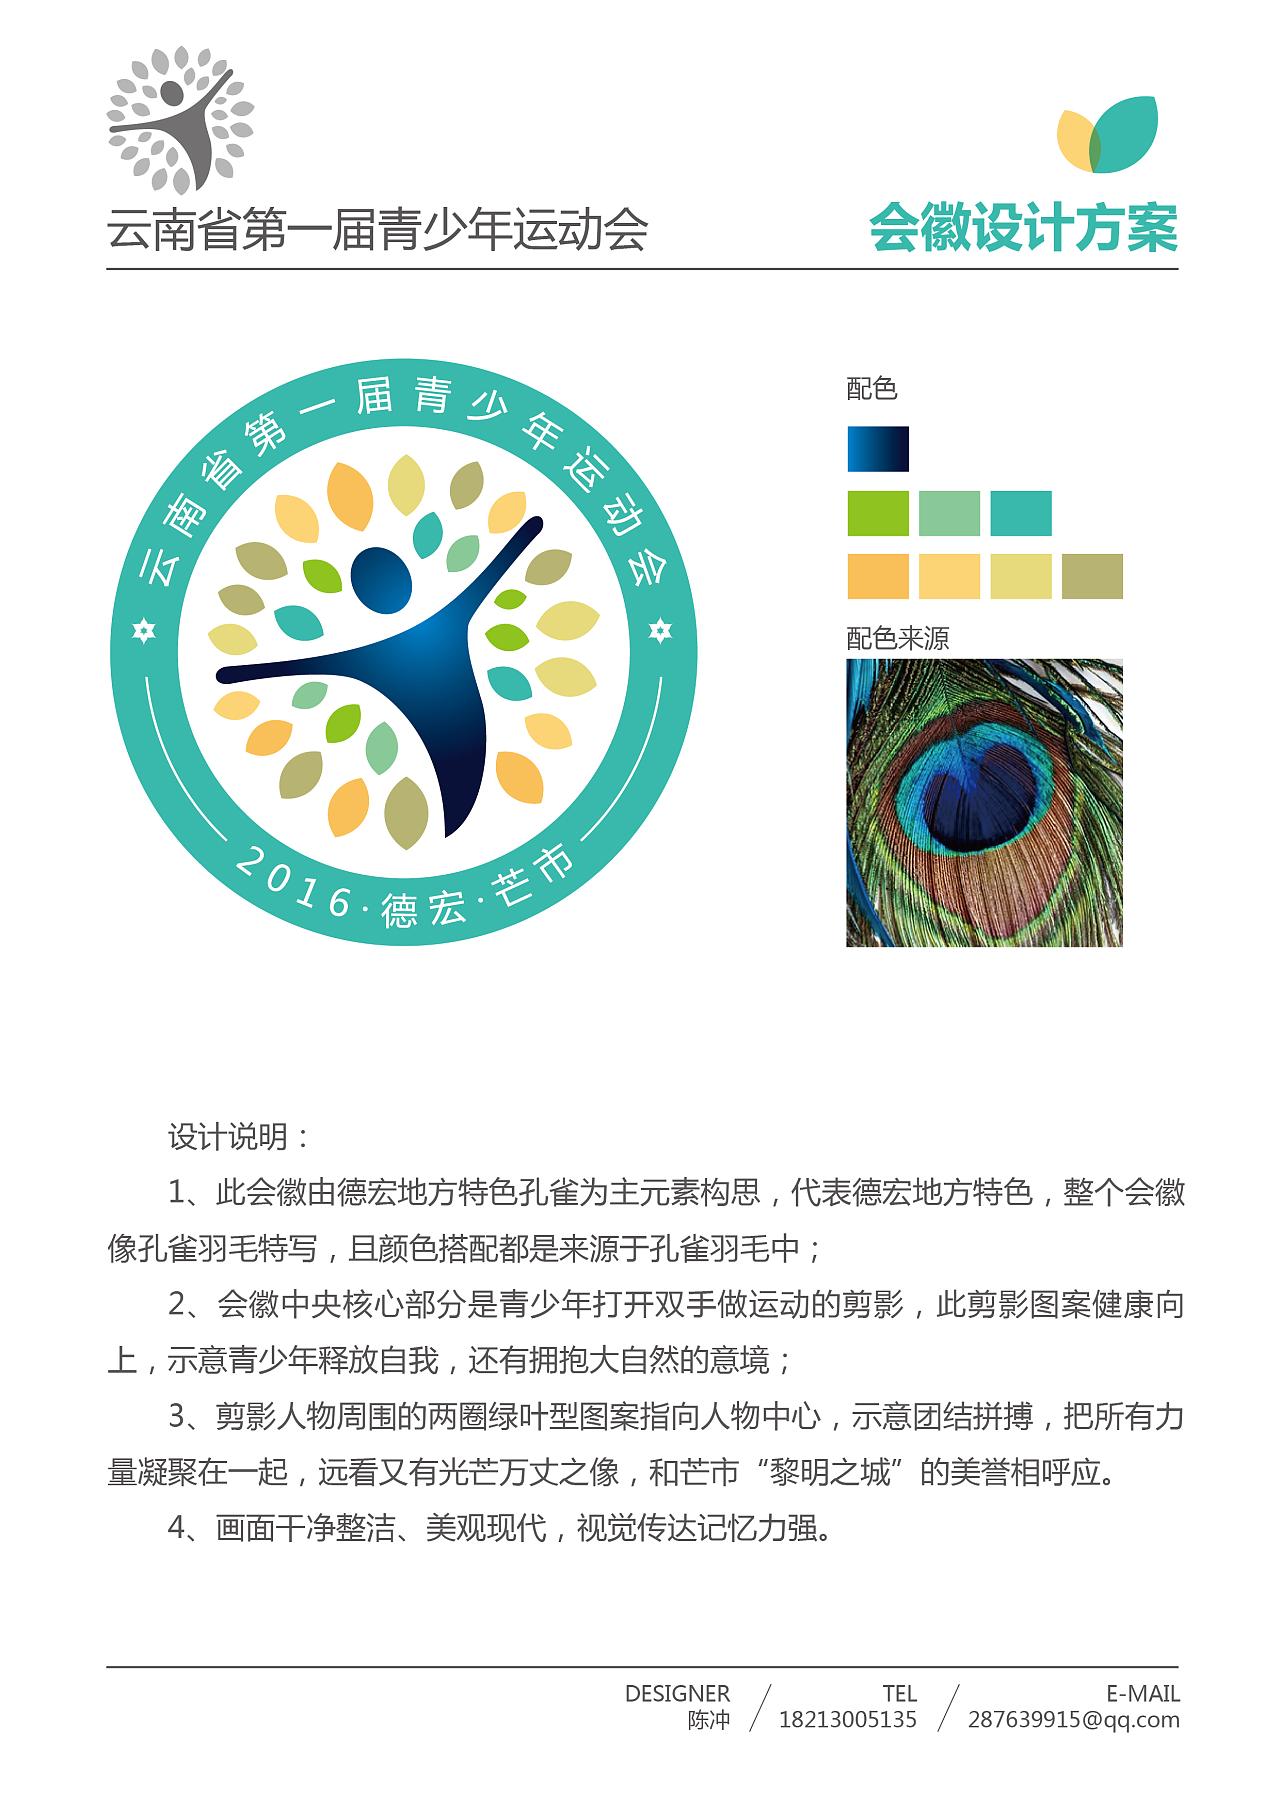 云南省第一届青少年运动会logo设计图片